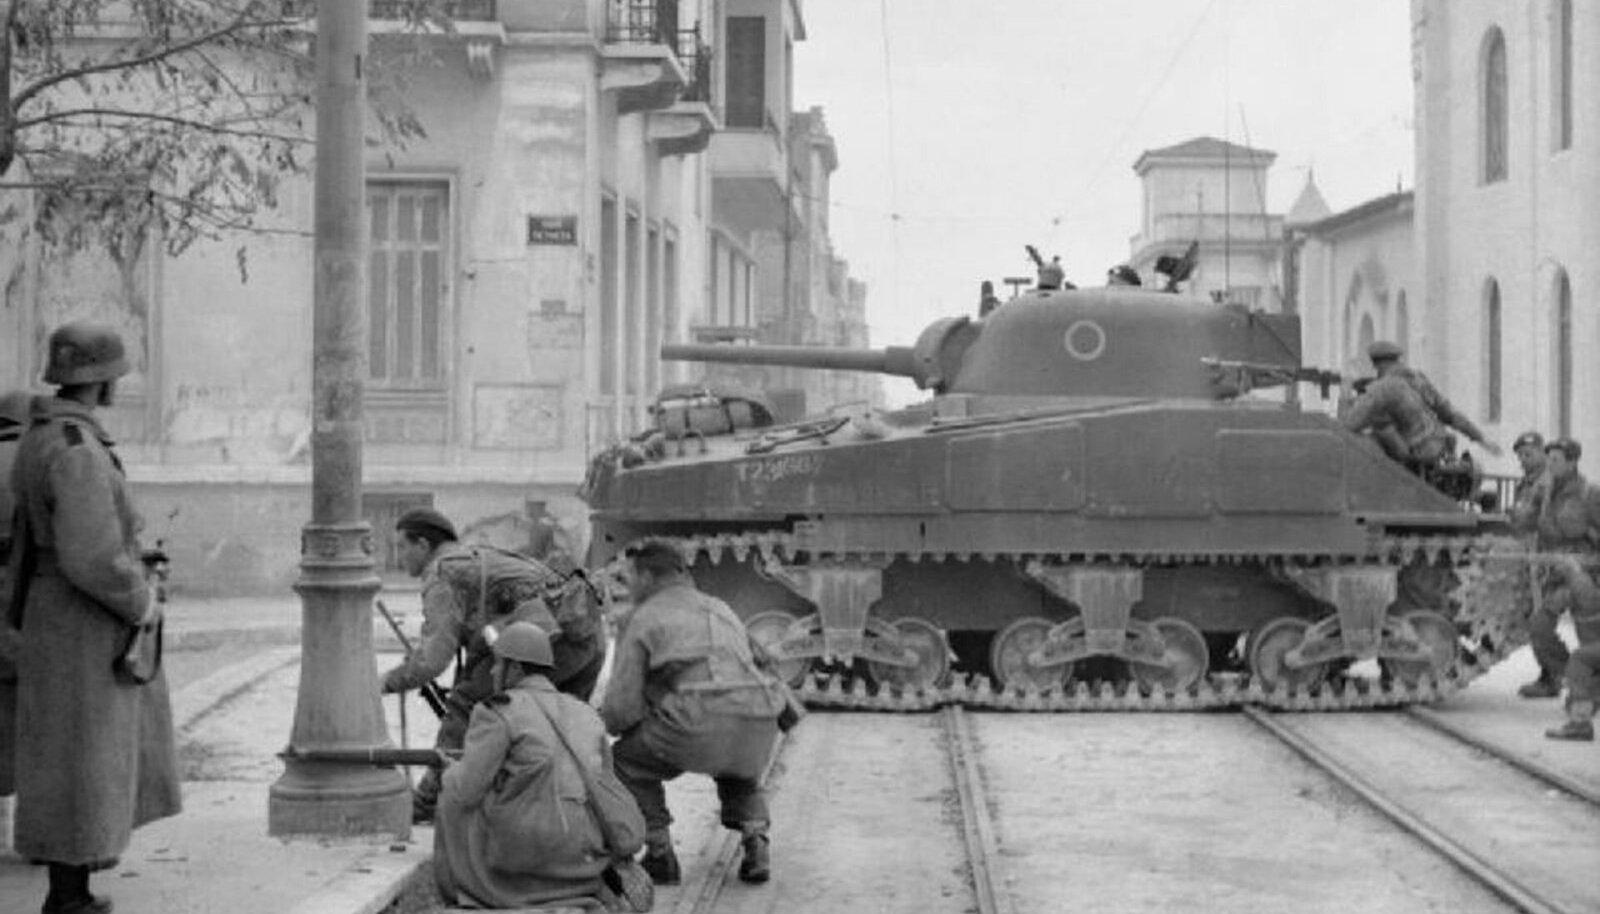 Briti sõdurid Ateena tänavail kommunistidega lahingut pidamas. (Foto: Wikimedia Commons)